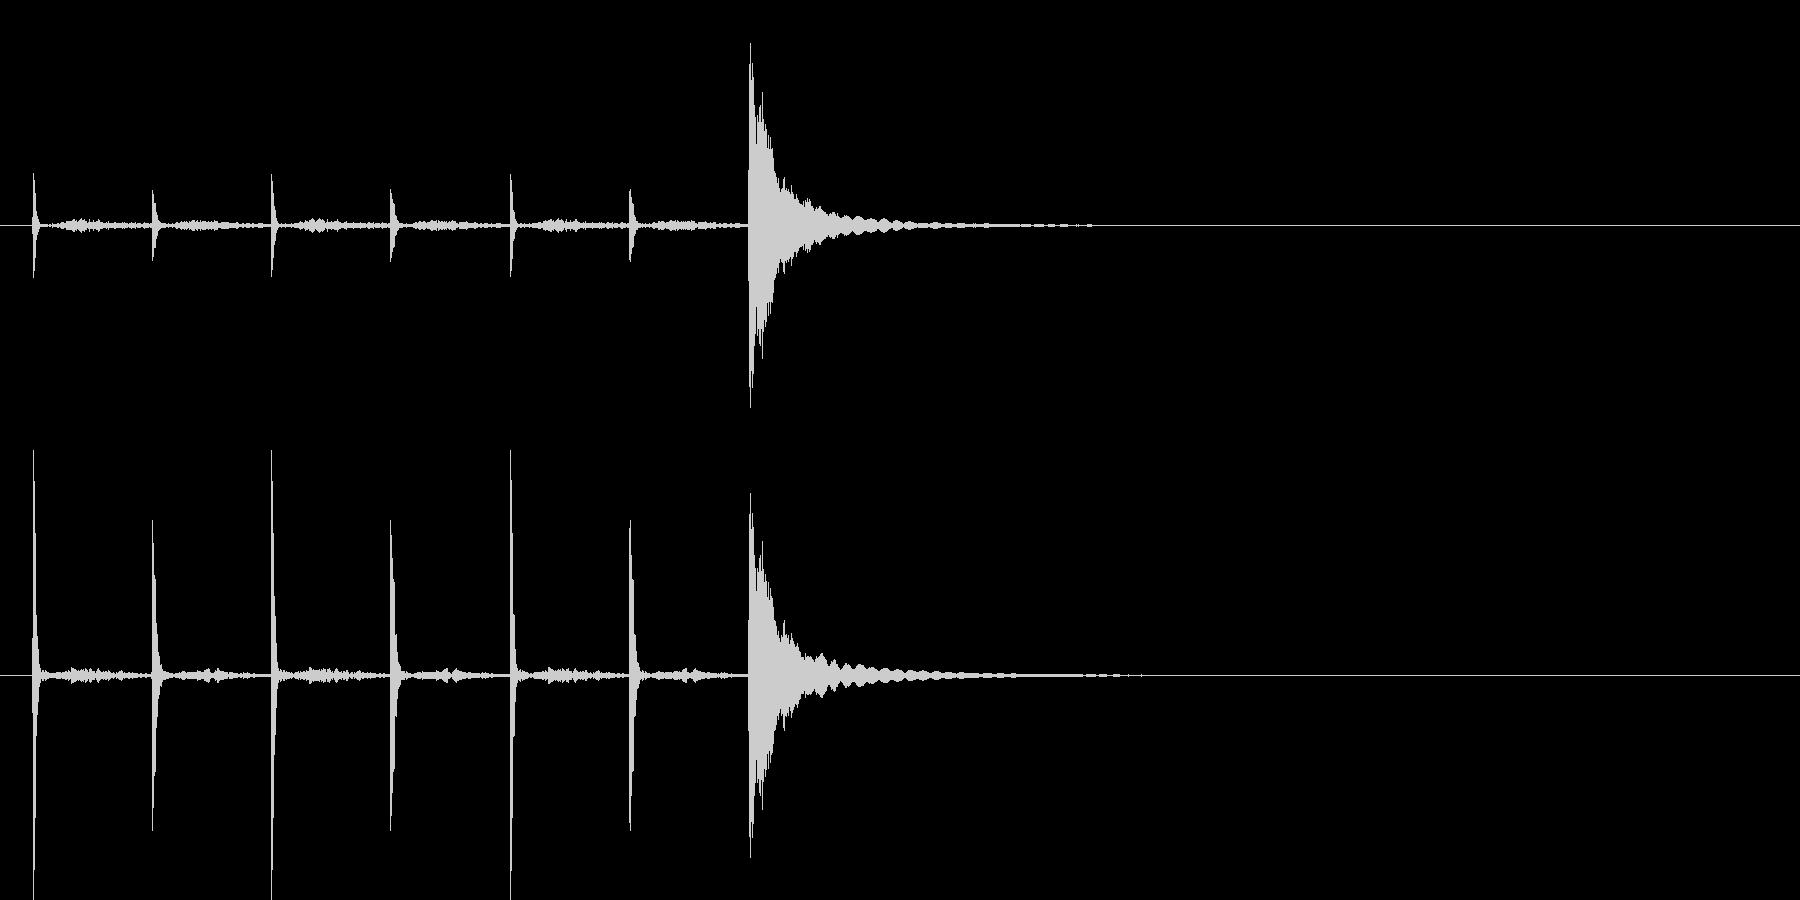 ポクポクチ~ン一休さん風シンキングタイムの未再生の波形